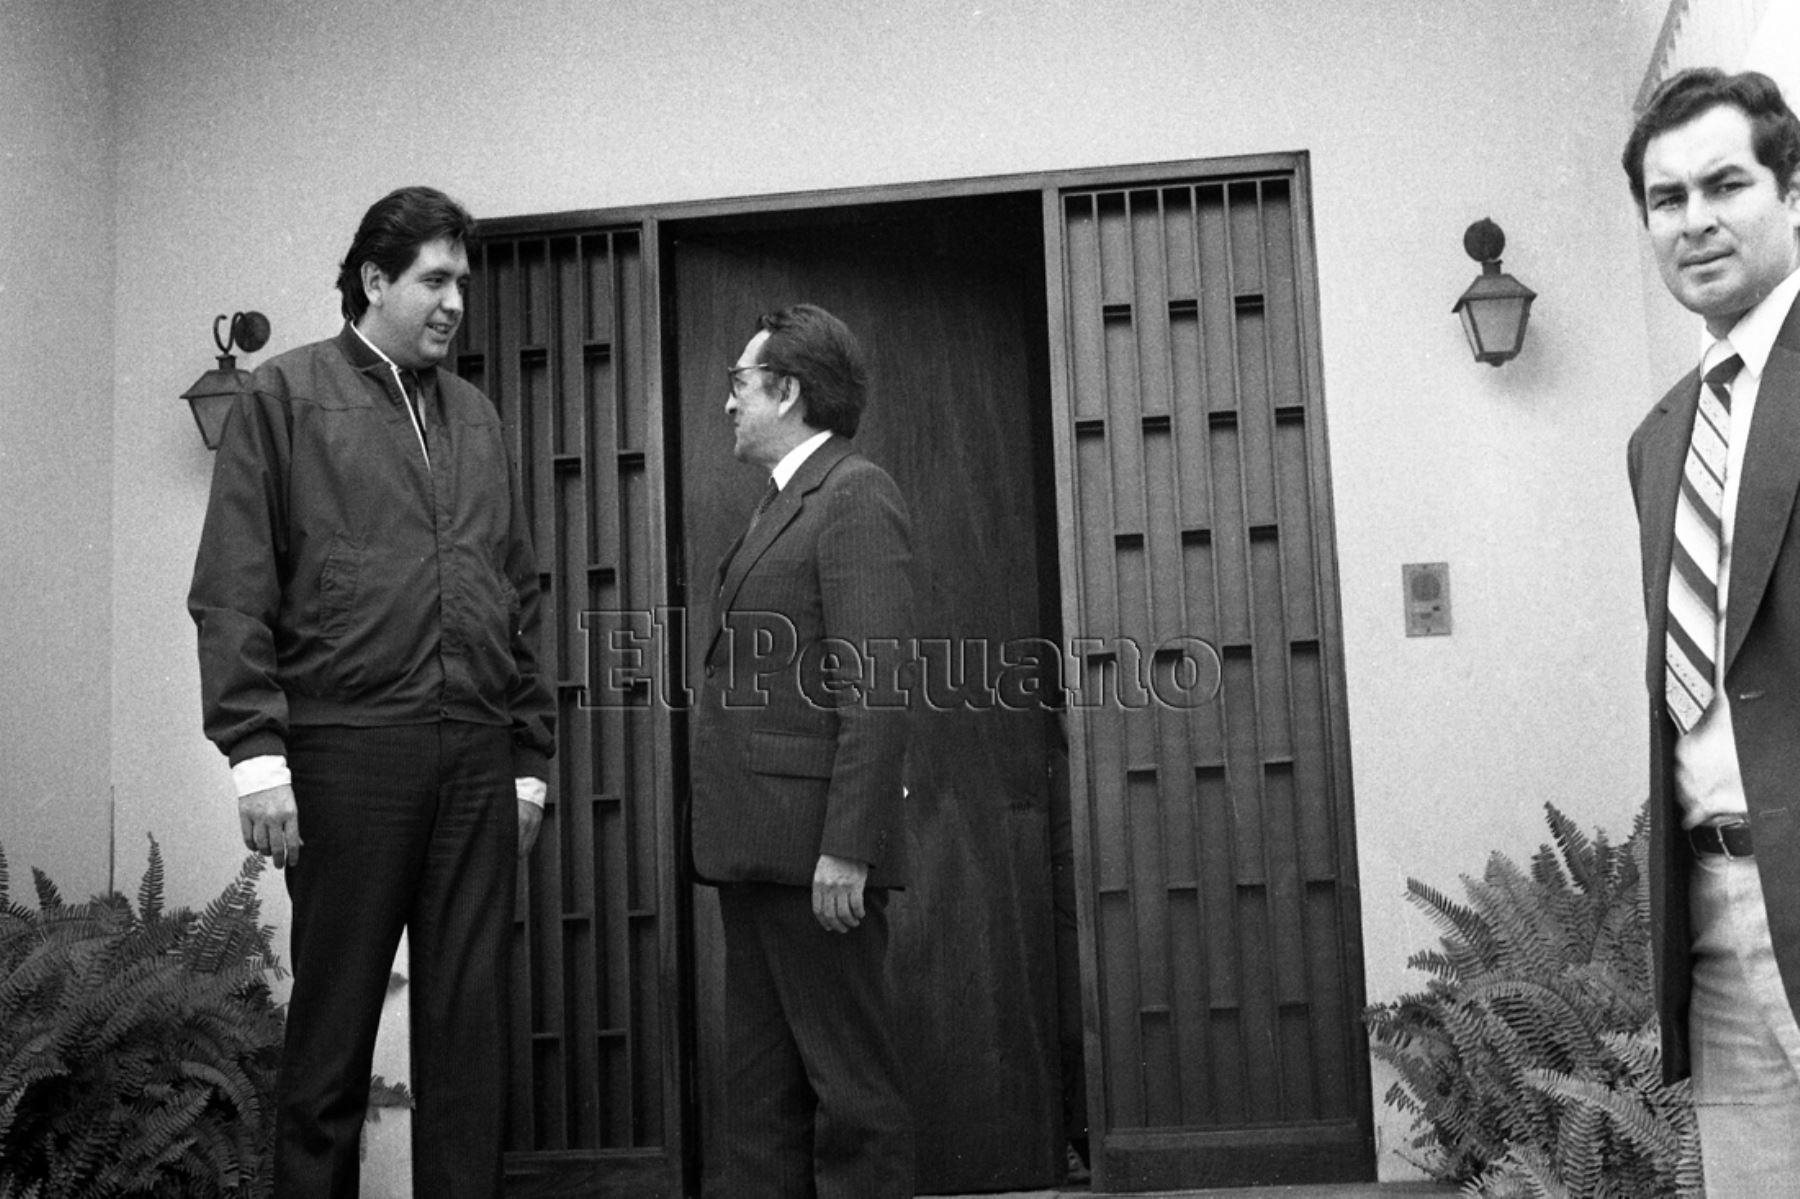 Lima - 12 julio 1985. El presidente electo Alan García Pérez sostuvo una reunión con el alcalde de Lima y líder de la Izquierda Unida, Alfonso Barrantes Lingán. Foto: Archivo Diario El Peruano